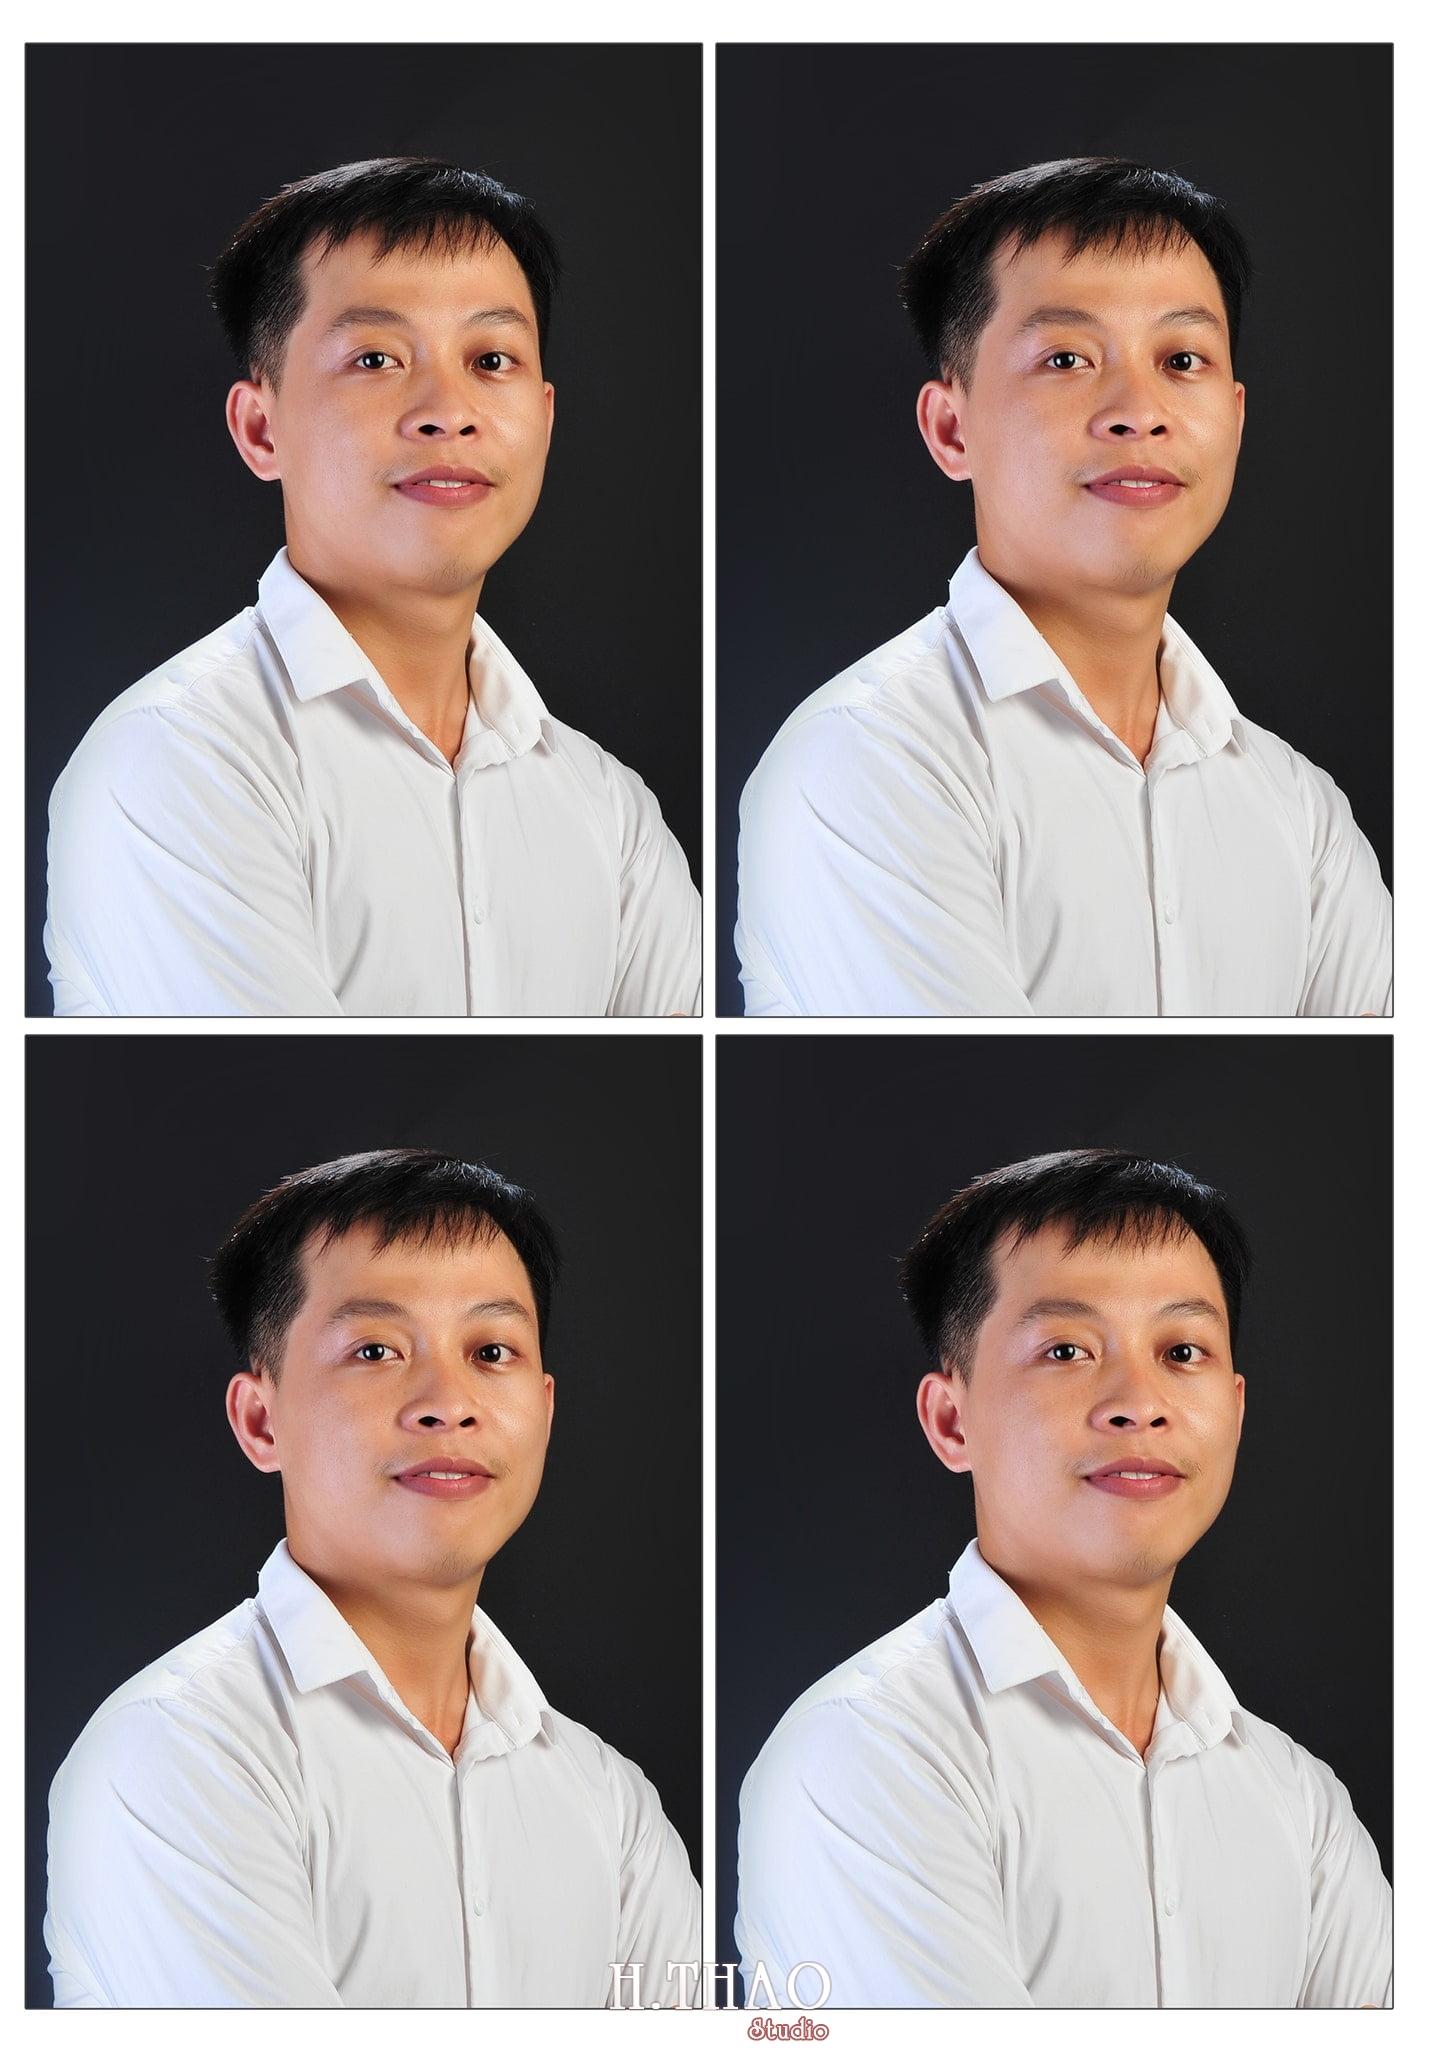 anh the dep 4 - Dịch vụ chụp hình thẻ lấy liền quận 2 - HThao Studio